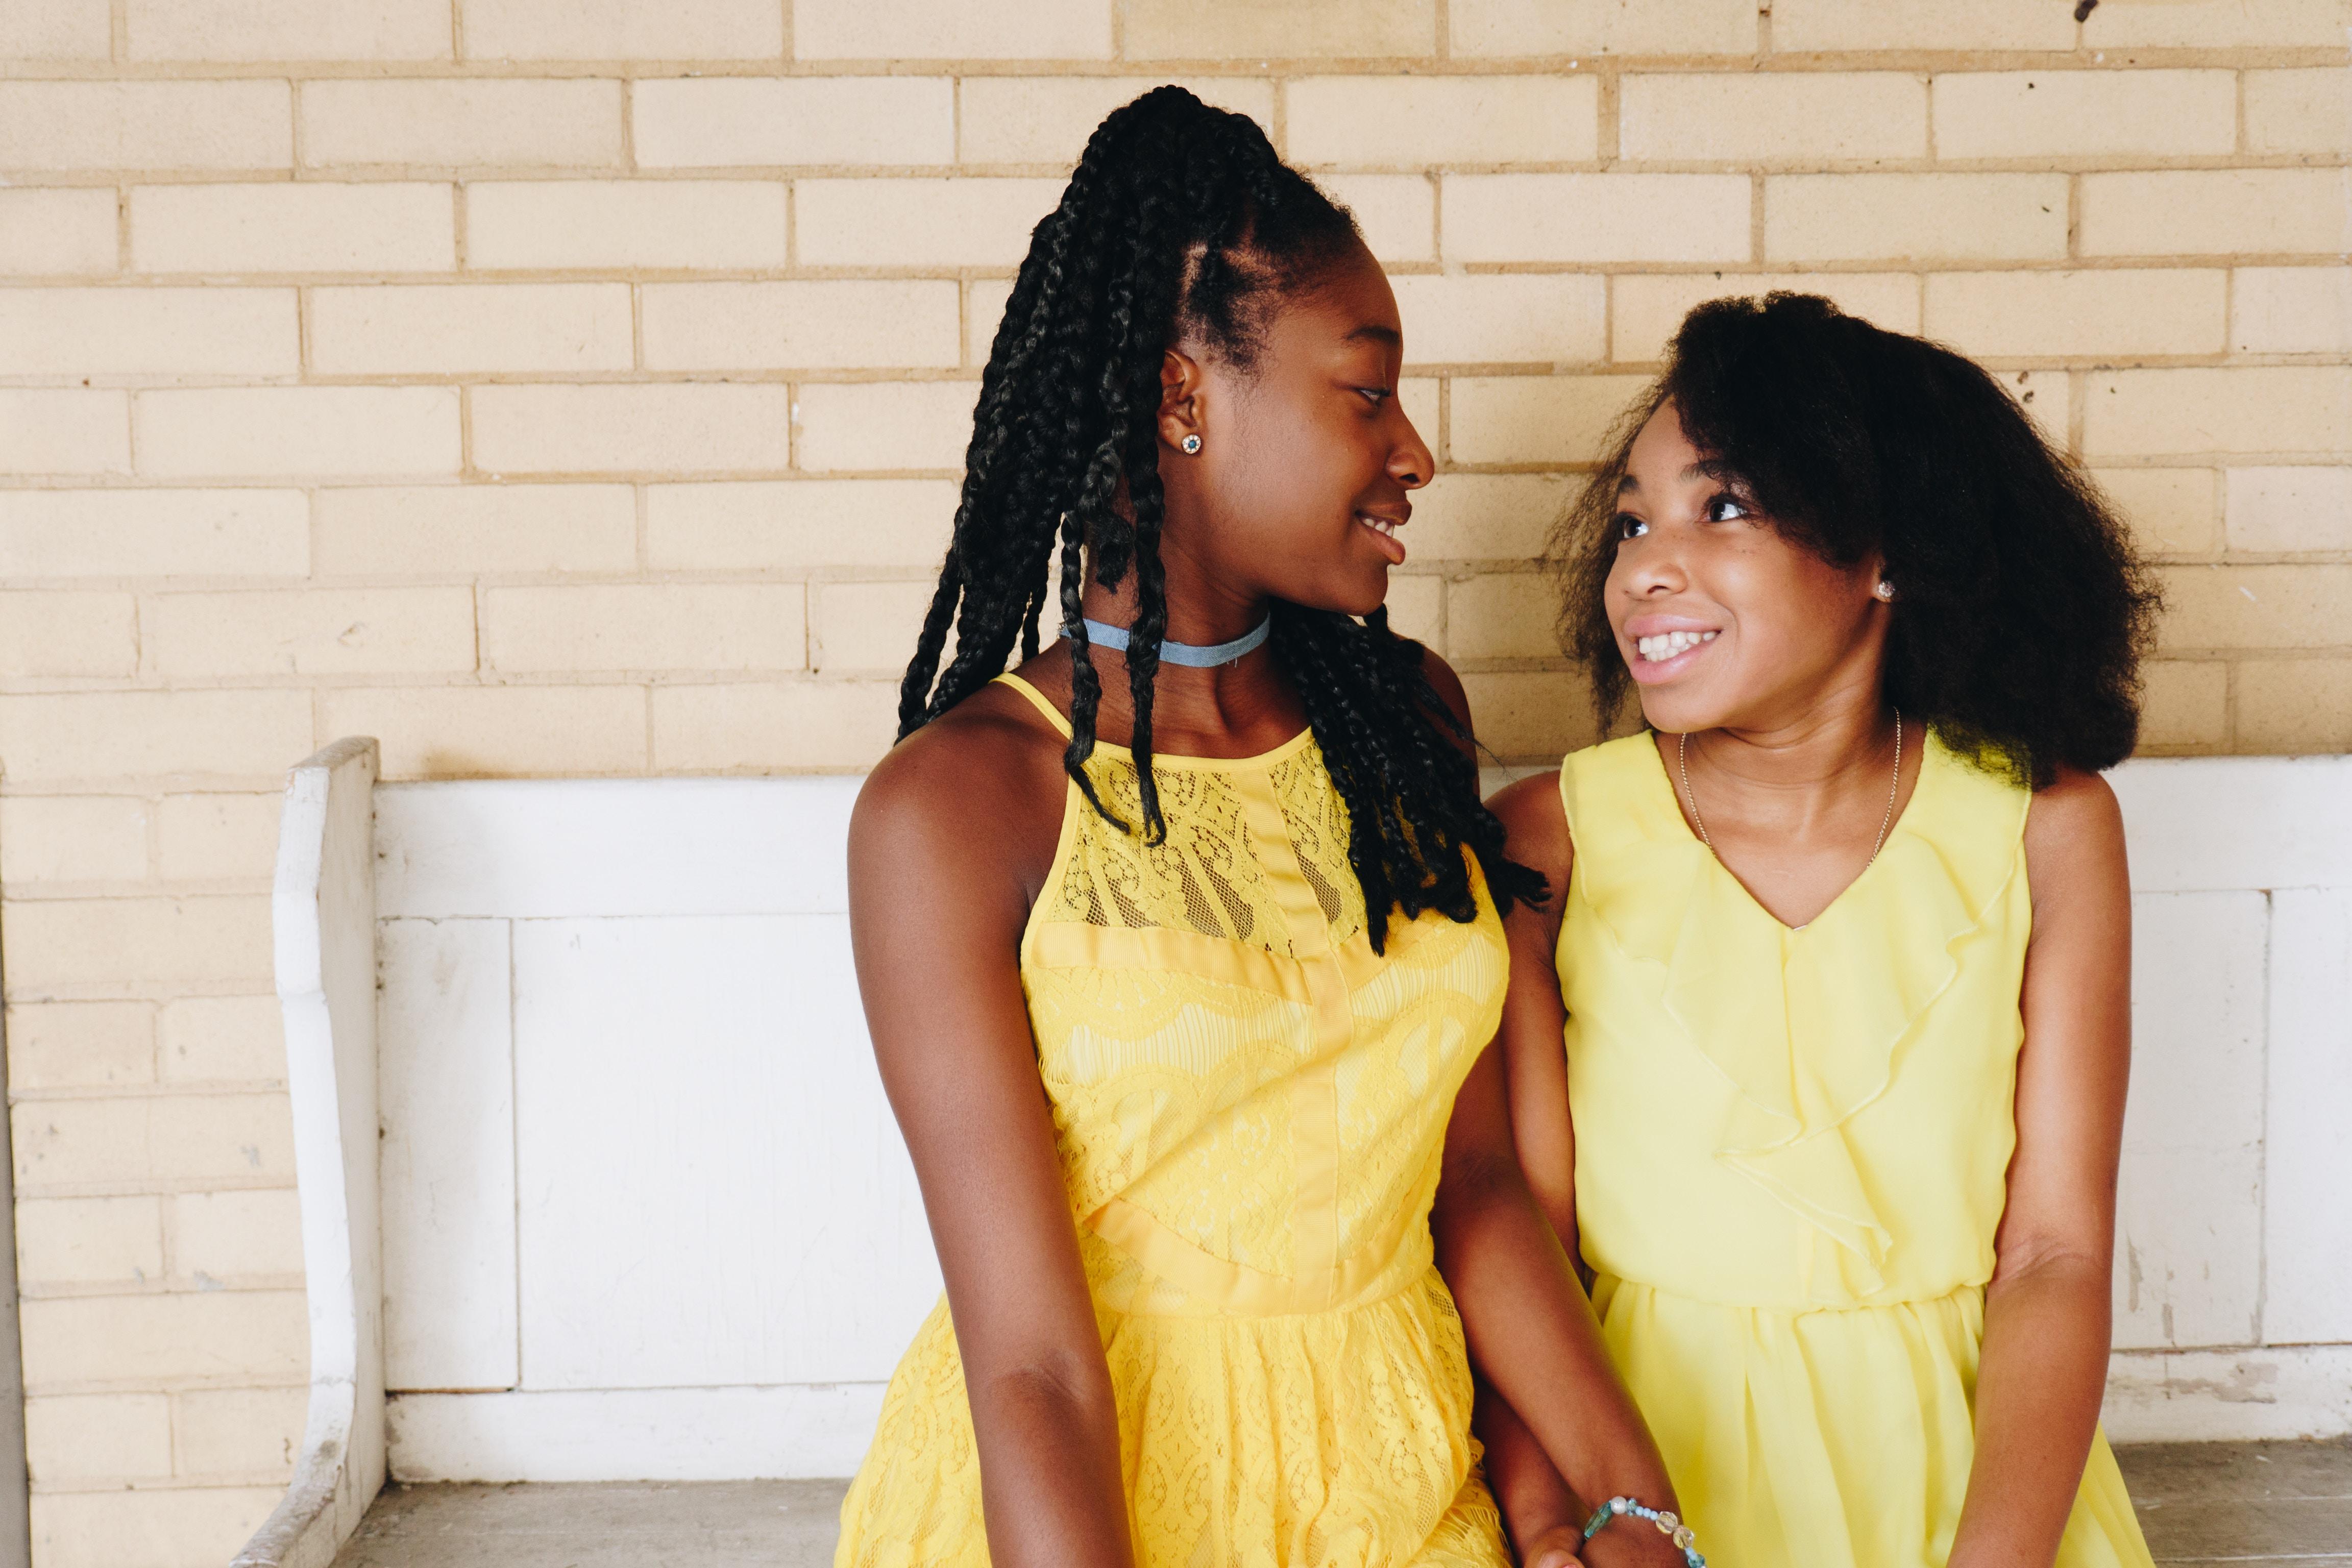 見つめ合う黒人の少女ふたり